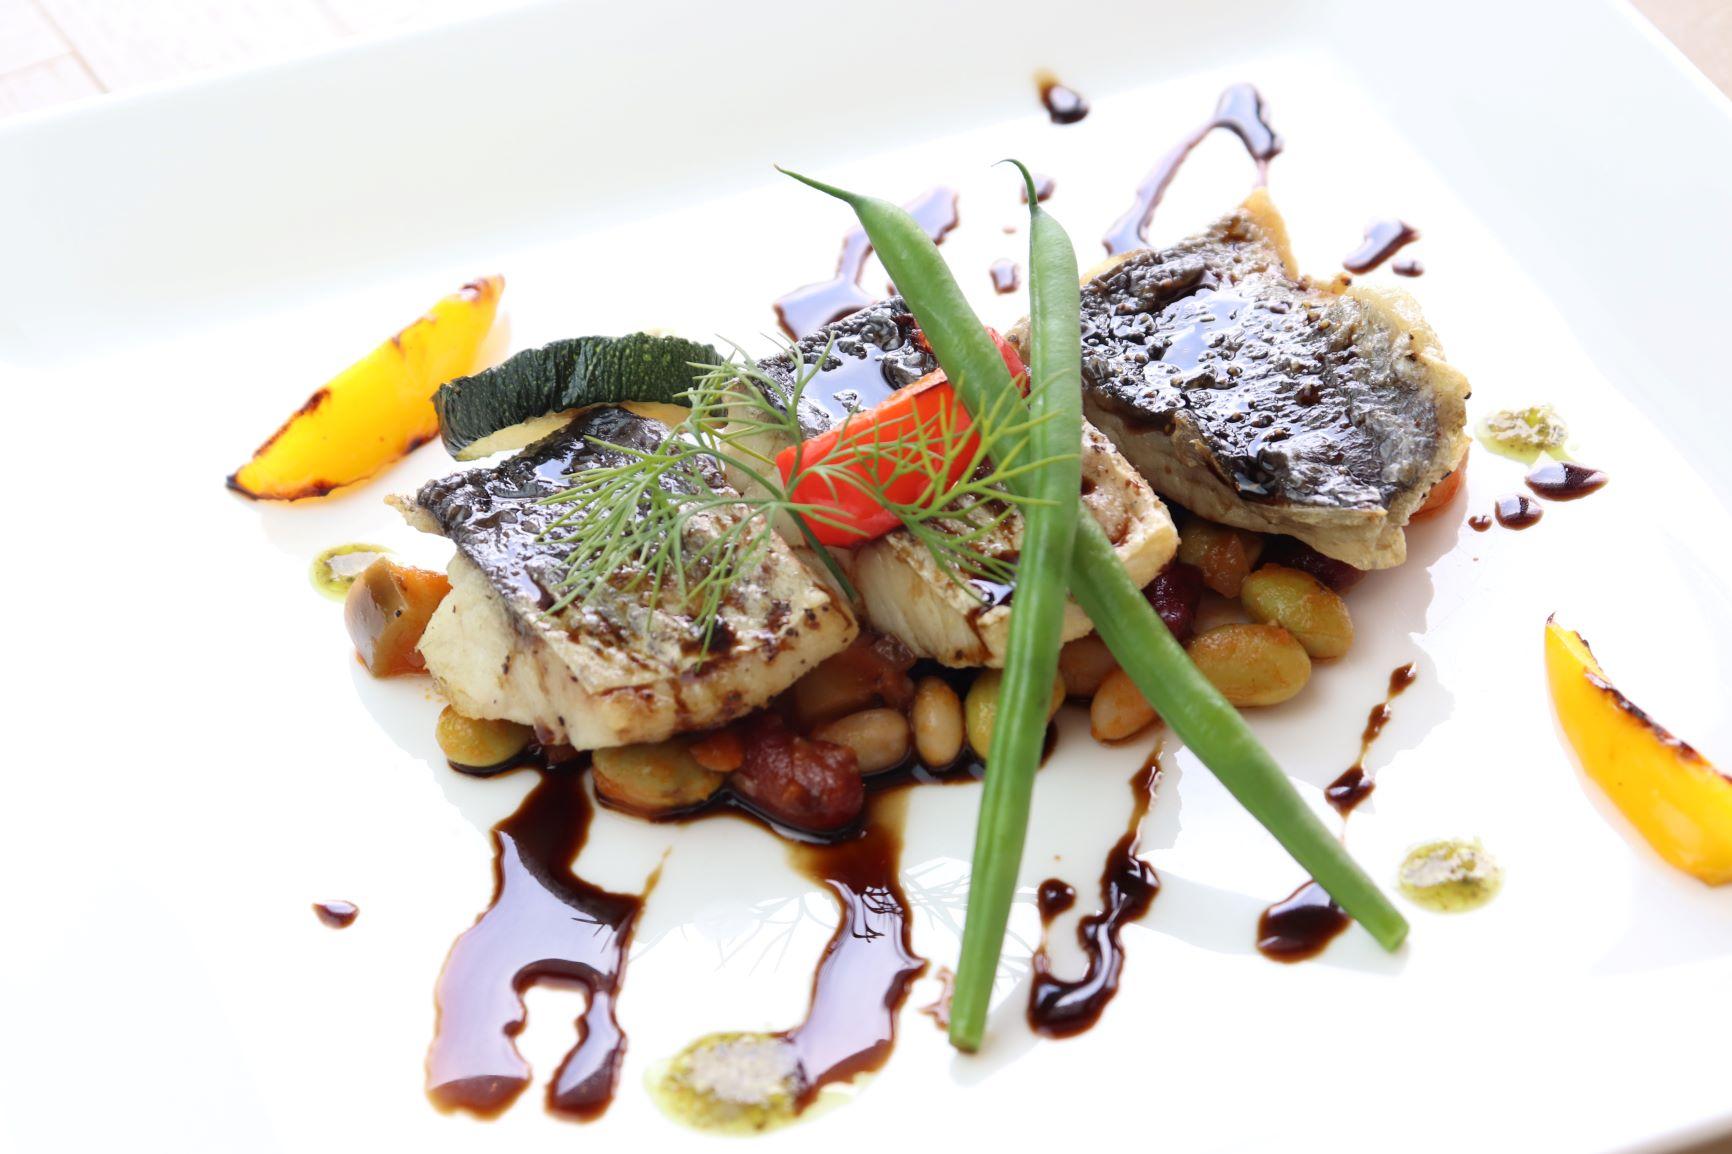 【期間限定ランチ】カマスと野菜のグリル バルサミコソースイメージ